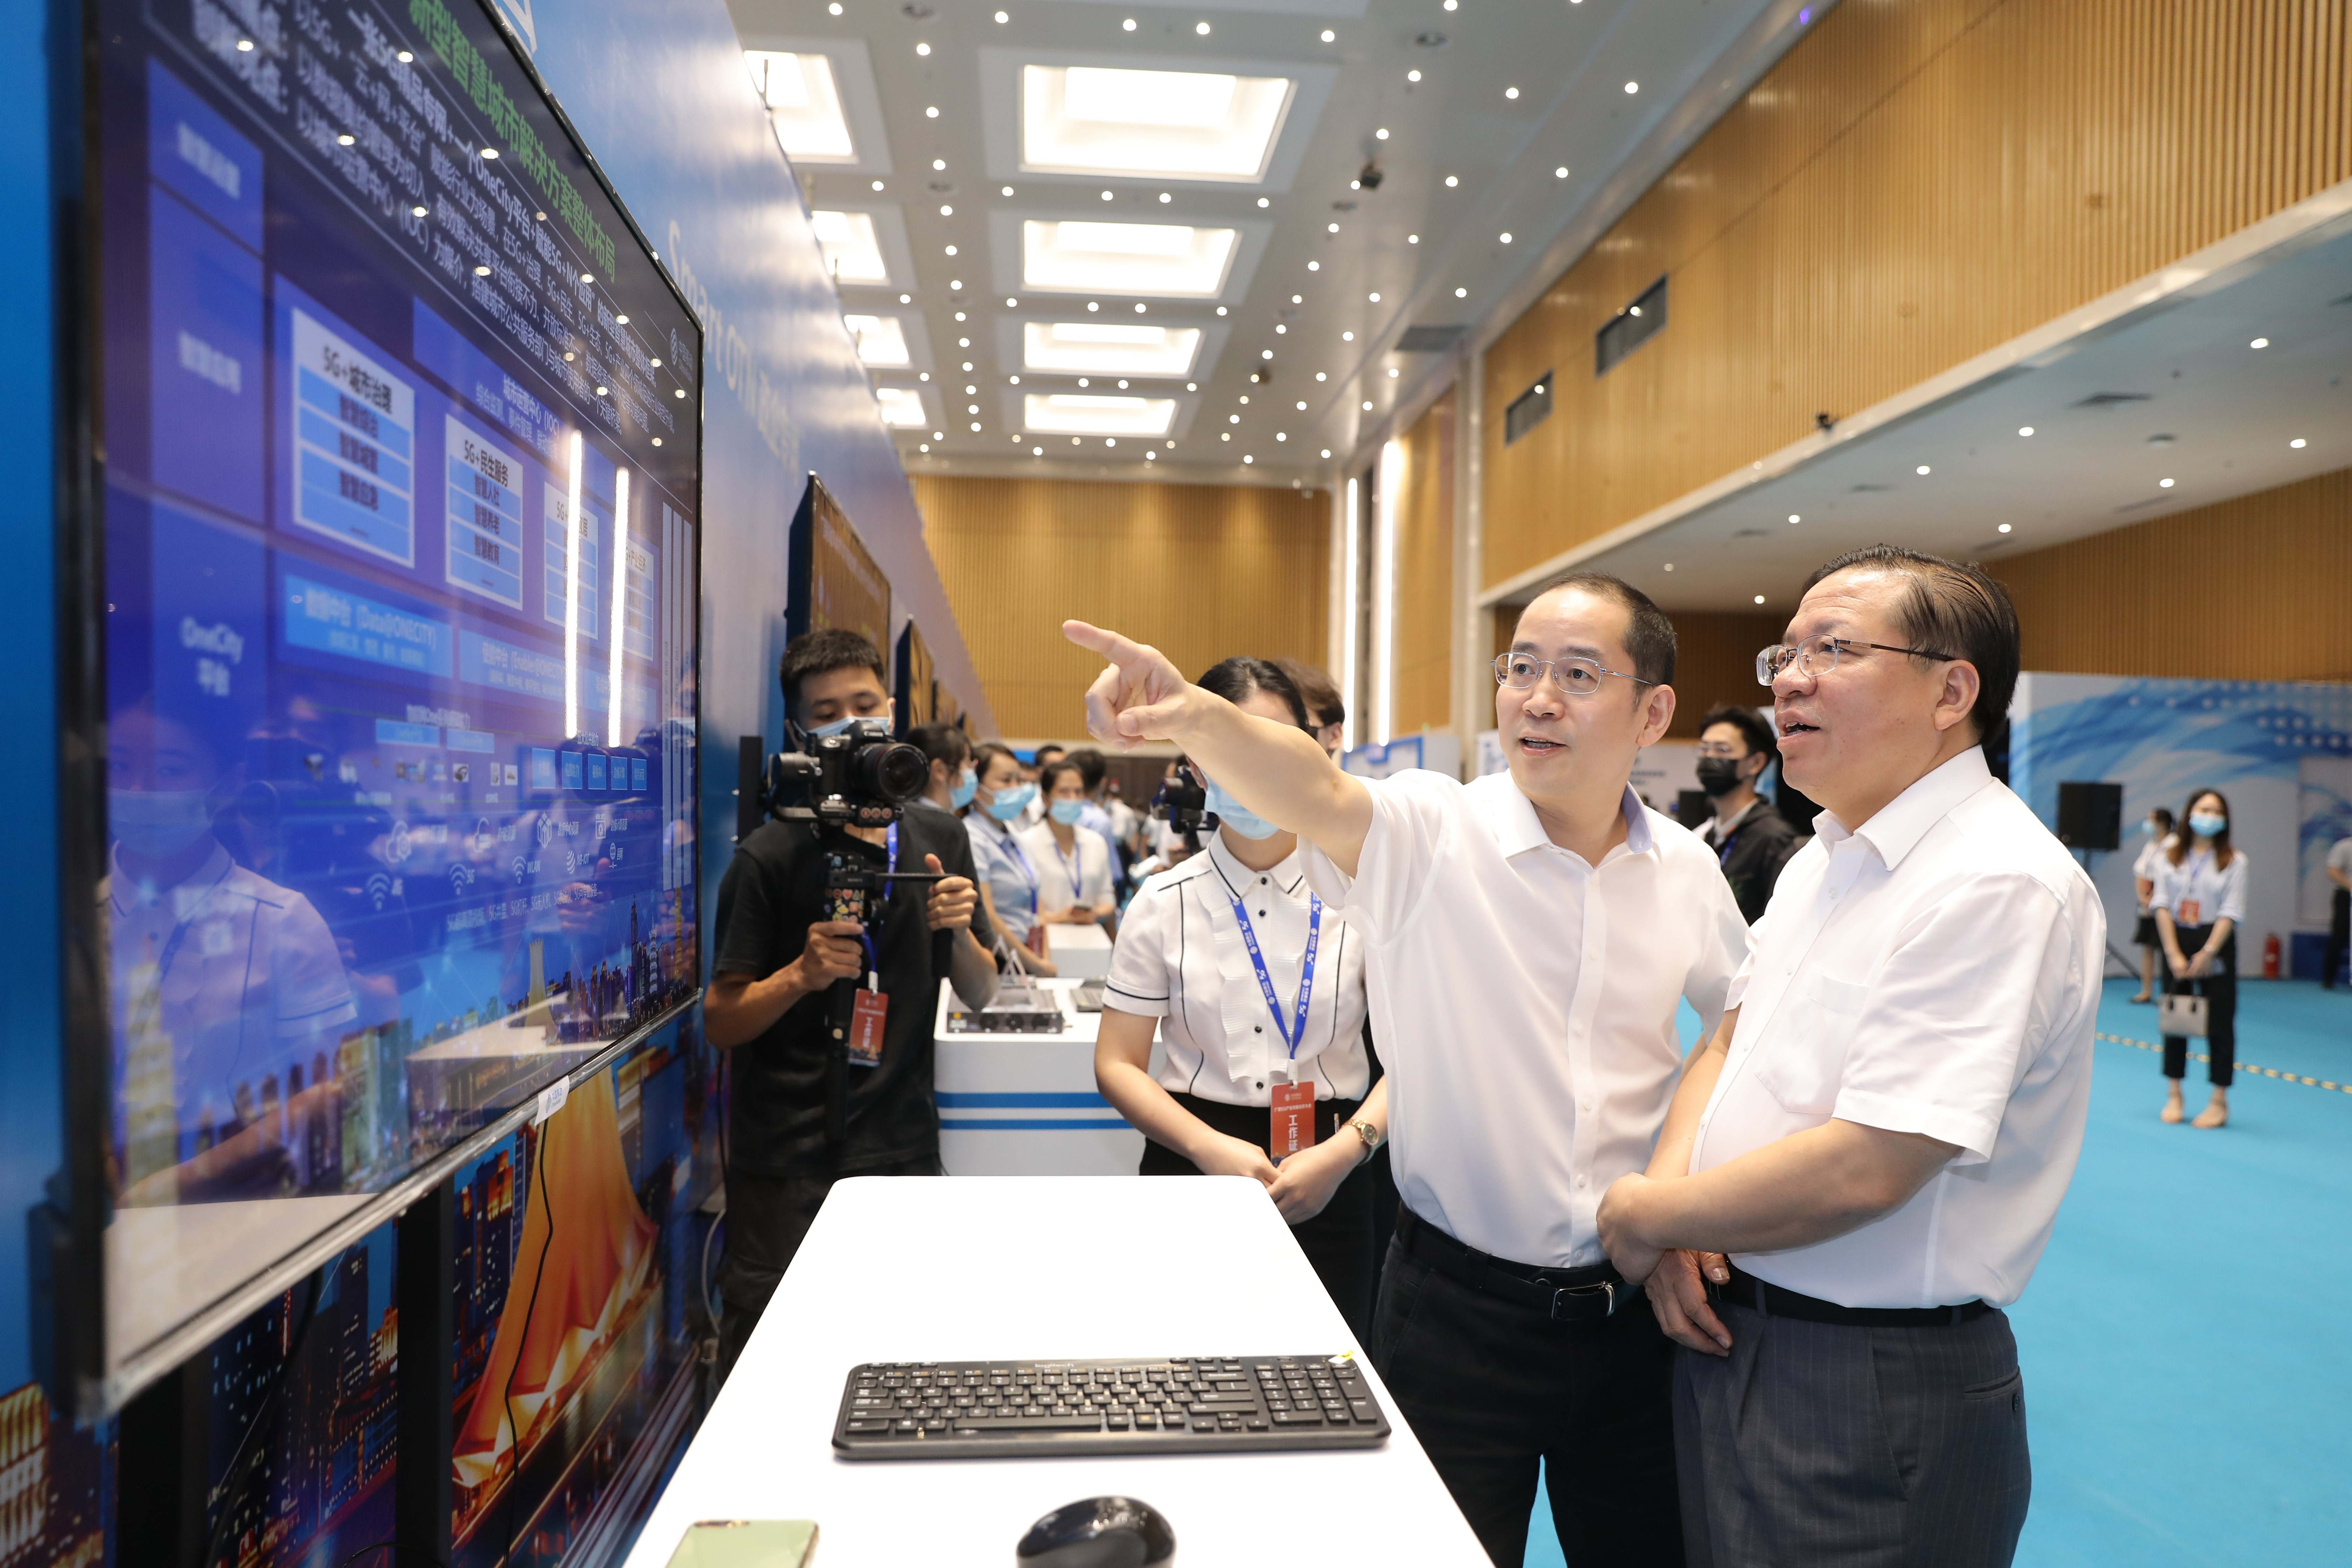 新基建助力新经济 新生态共创新生活——广西5G产业发展合作大会在南宁举行